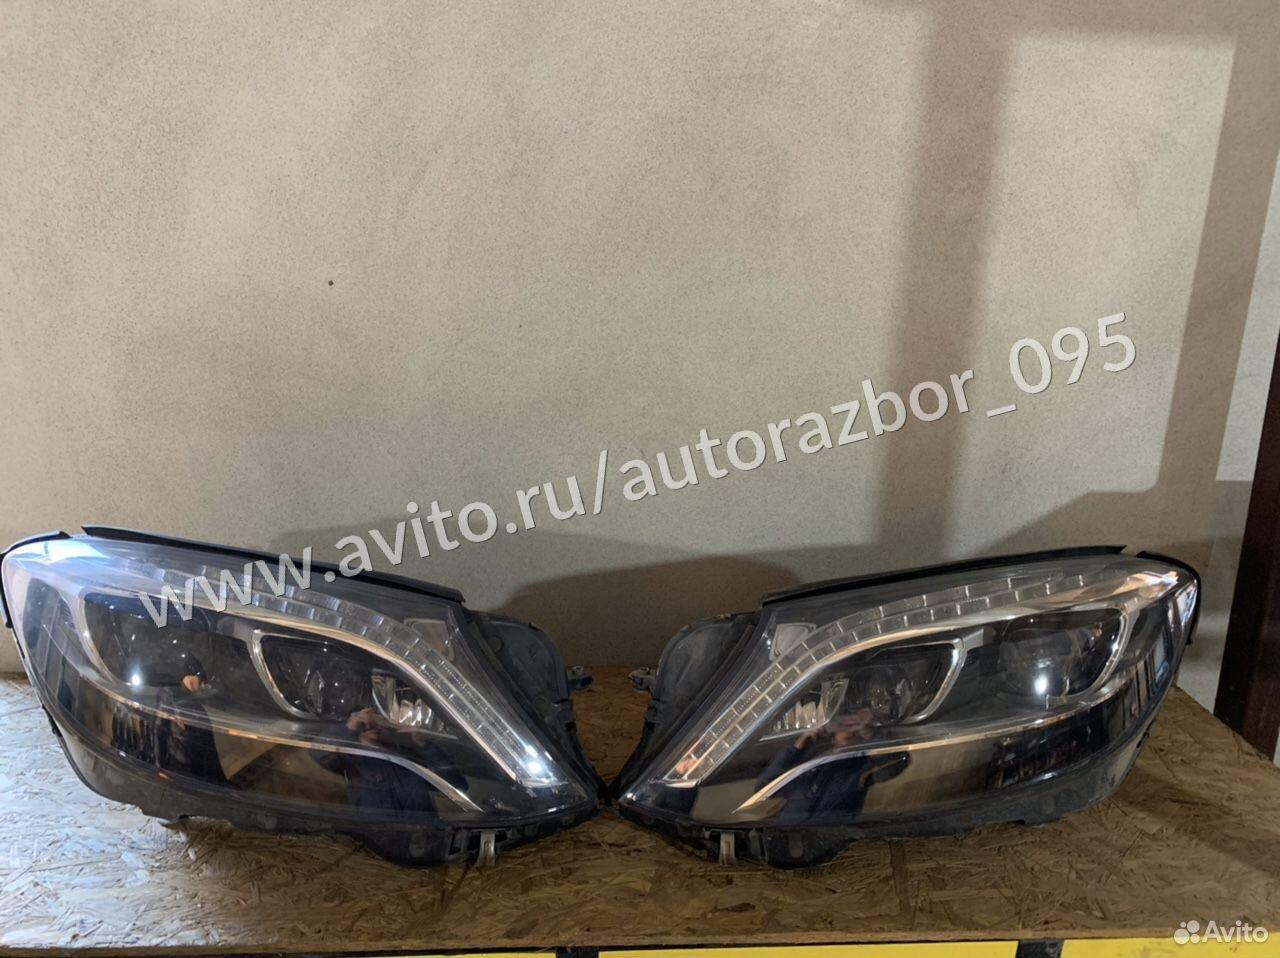 Фара Mercedes W222 Мерседес в222 арт 34332  89659502108 купить 1